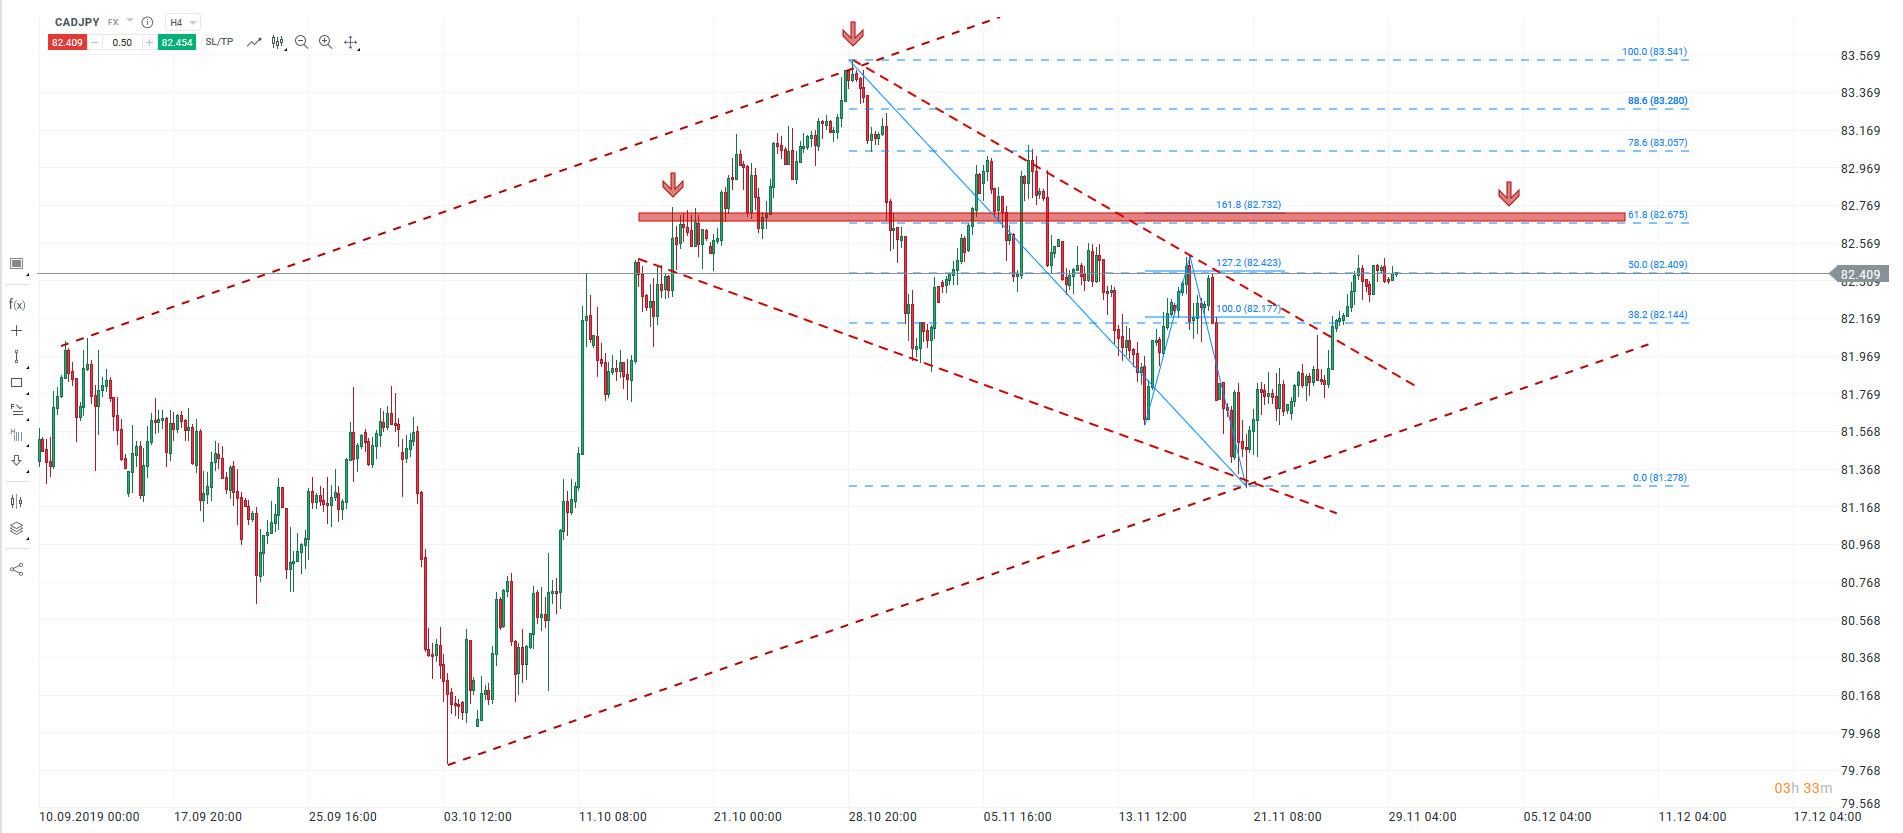 Co czeka pary z jenem w najbliższym czasie w kontekście panującego sentymentu na rynku?